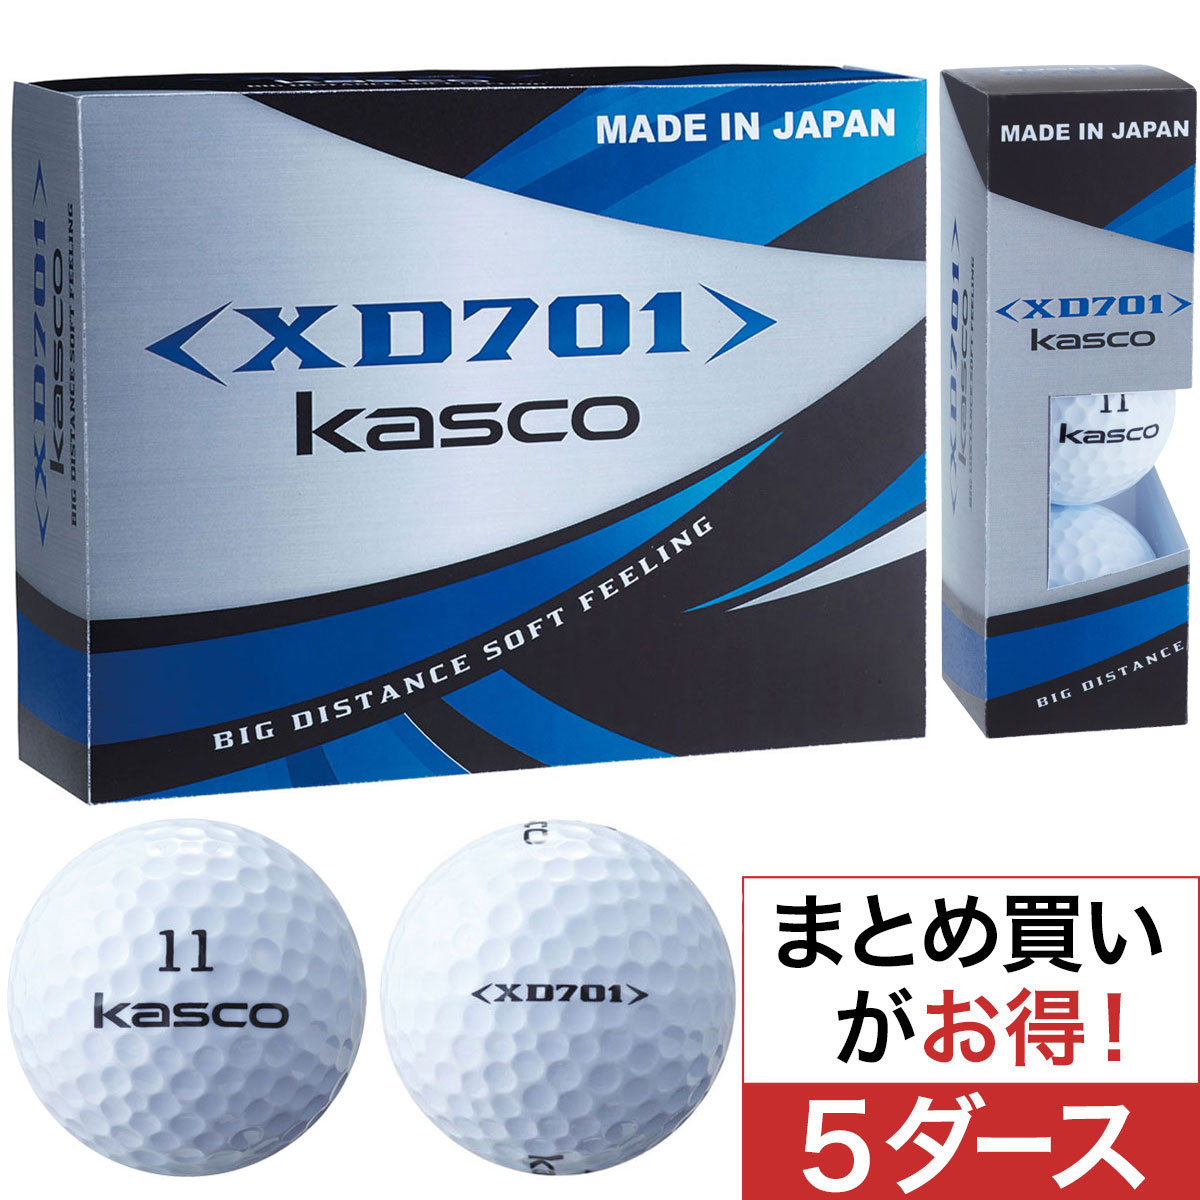 XD701 2ピースボール 5ダースセット